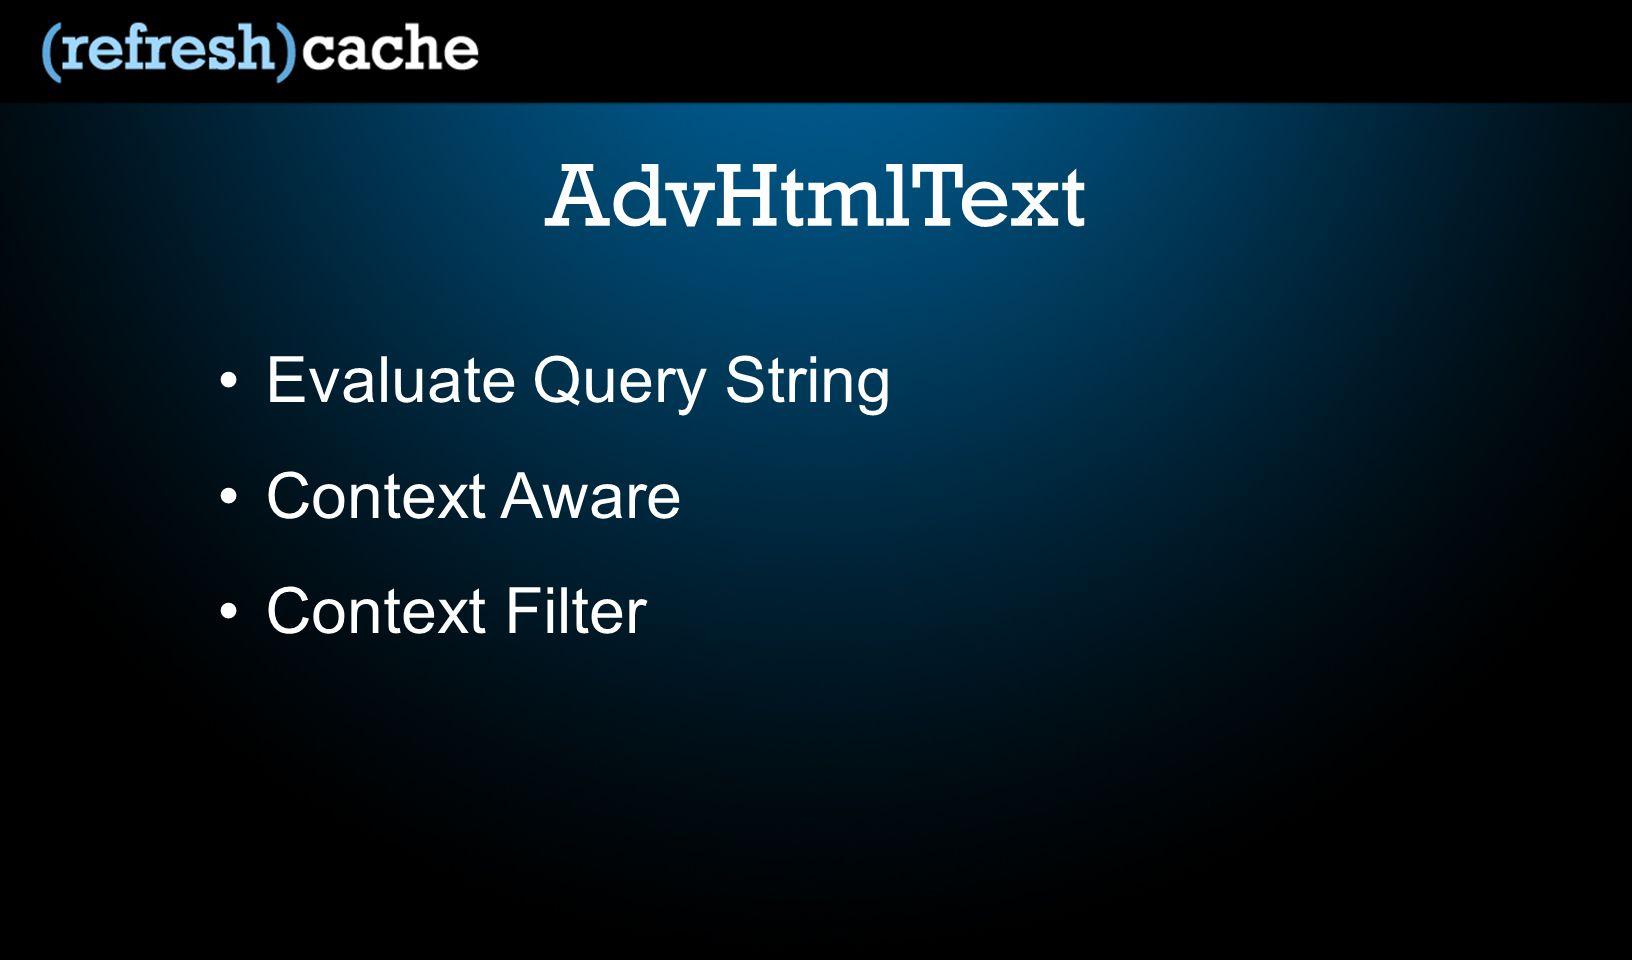 AdvHtmlText Evaluate Query String Context Aware Context Filter